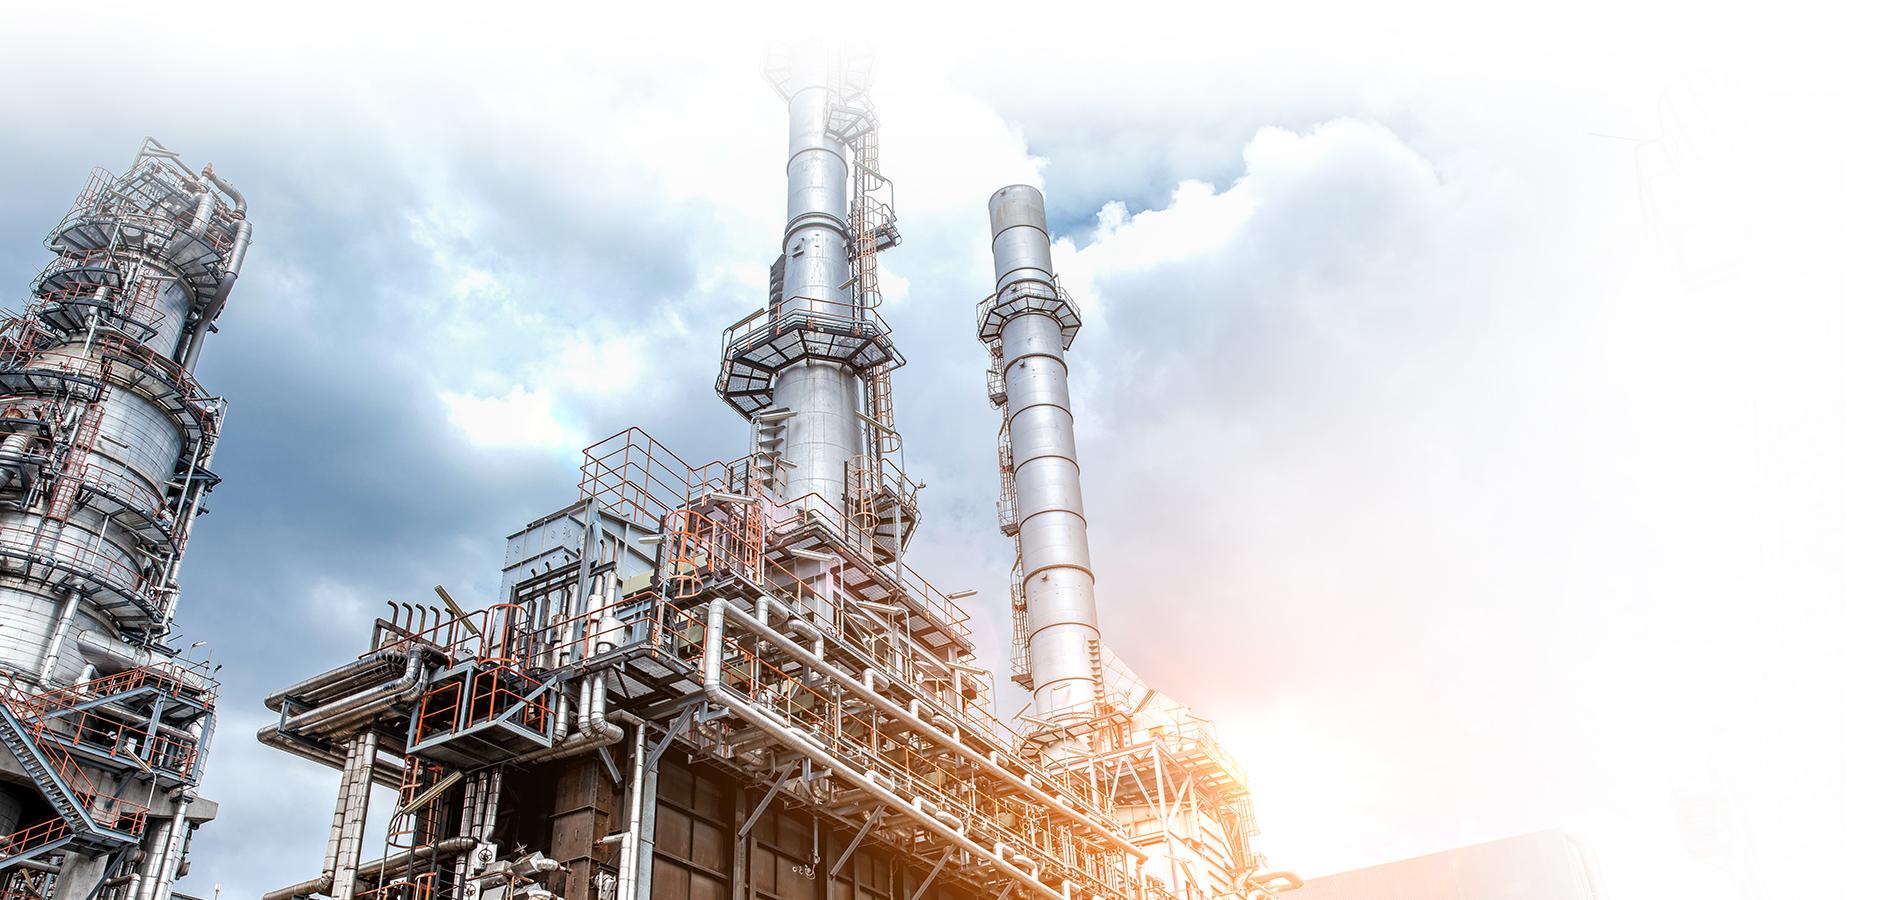 פתרונות מתקדמים למניעת זיהום אוויר